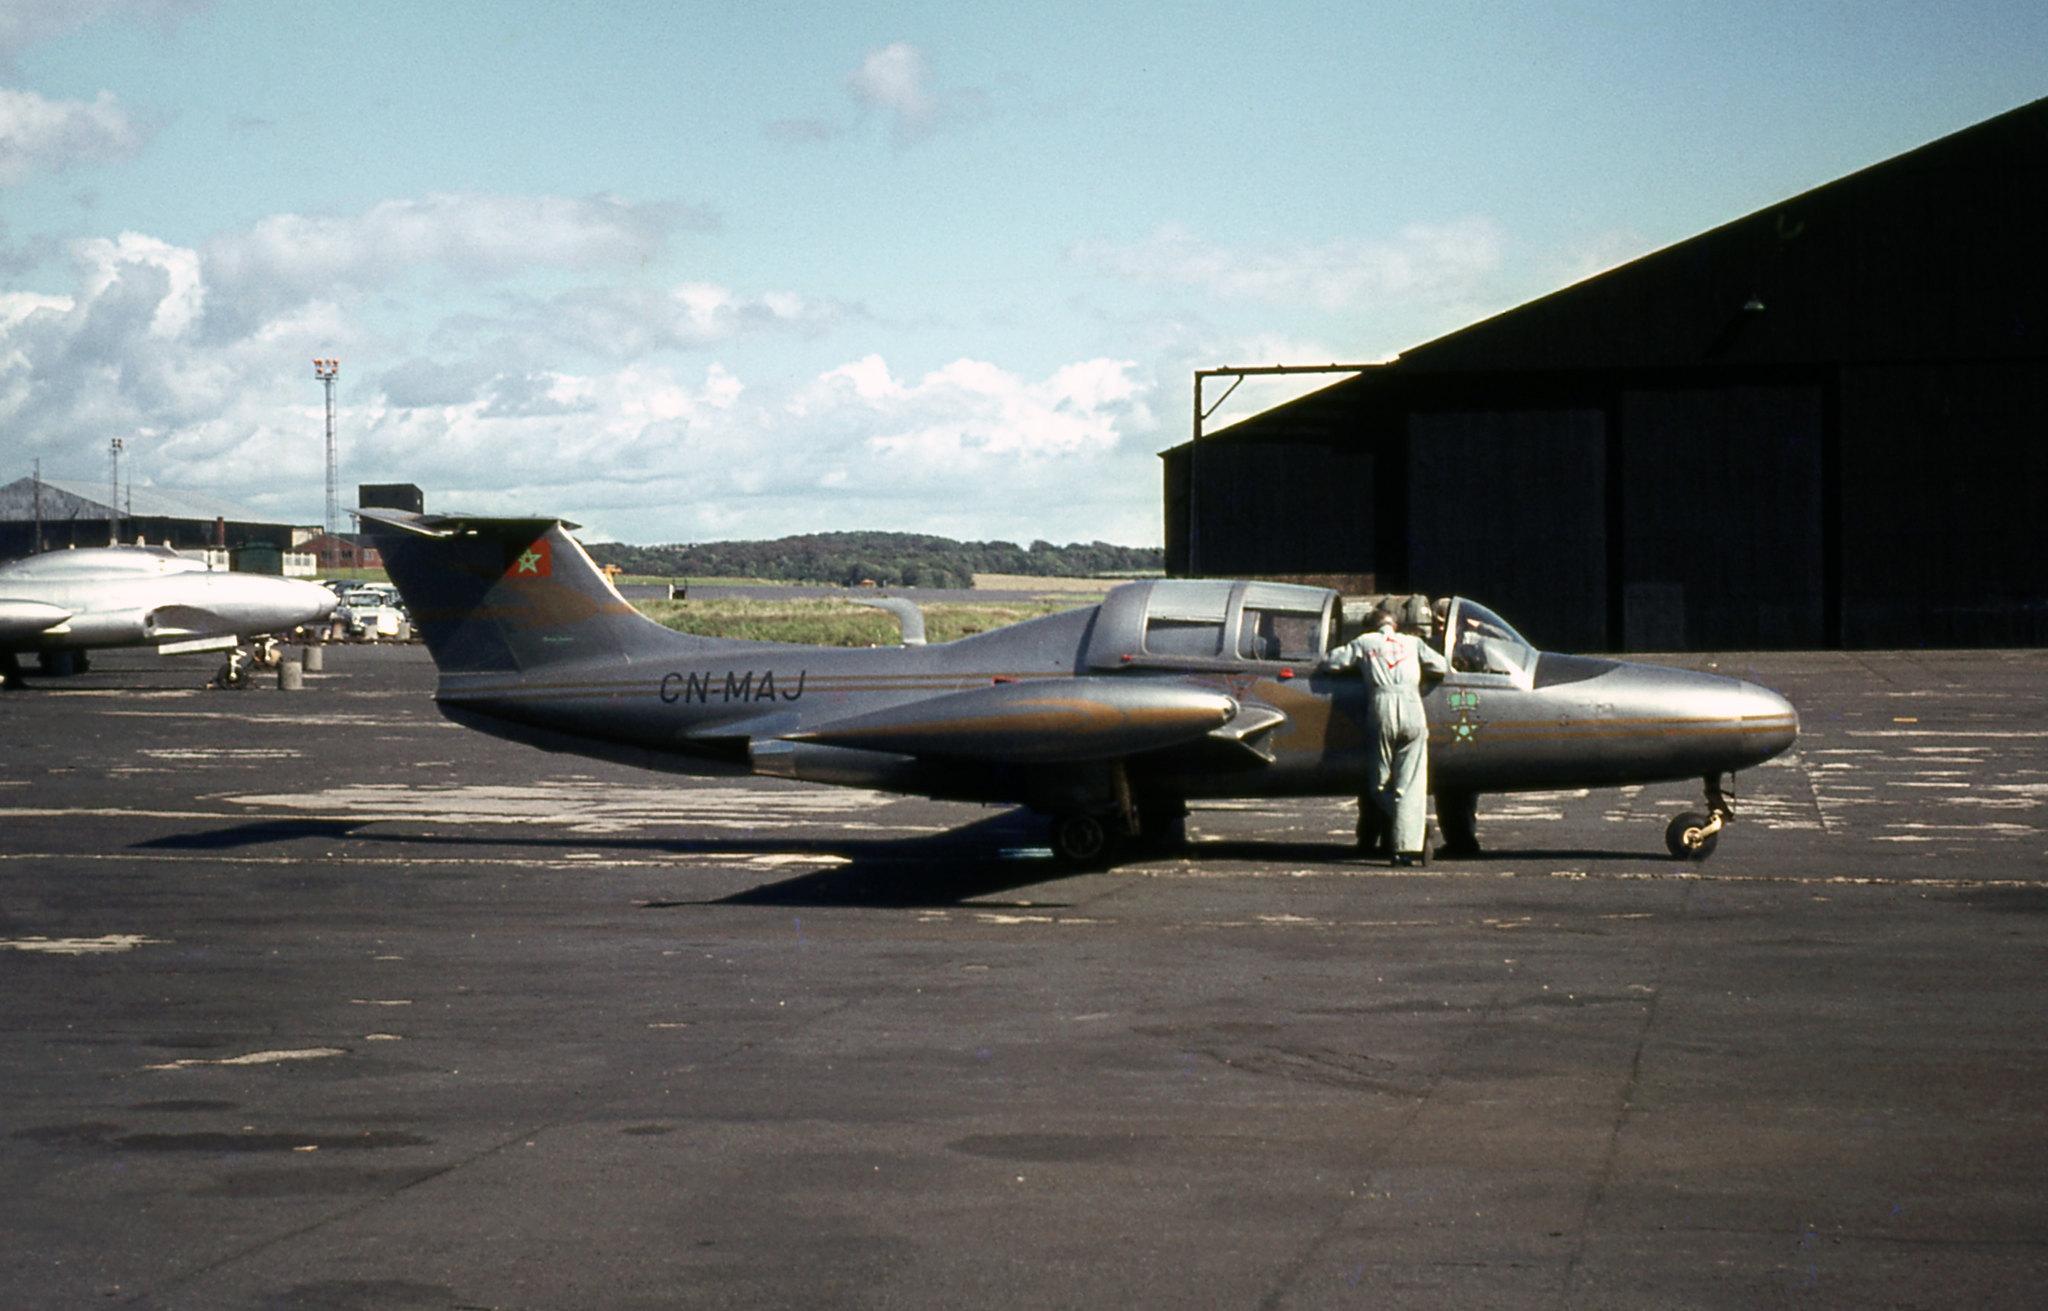 FRA: Photos anciens avions des FRA - Page 10 31797326168_52e5777c5a_k